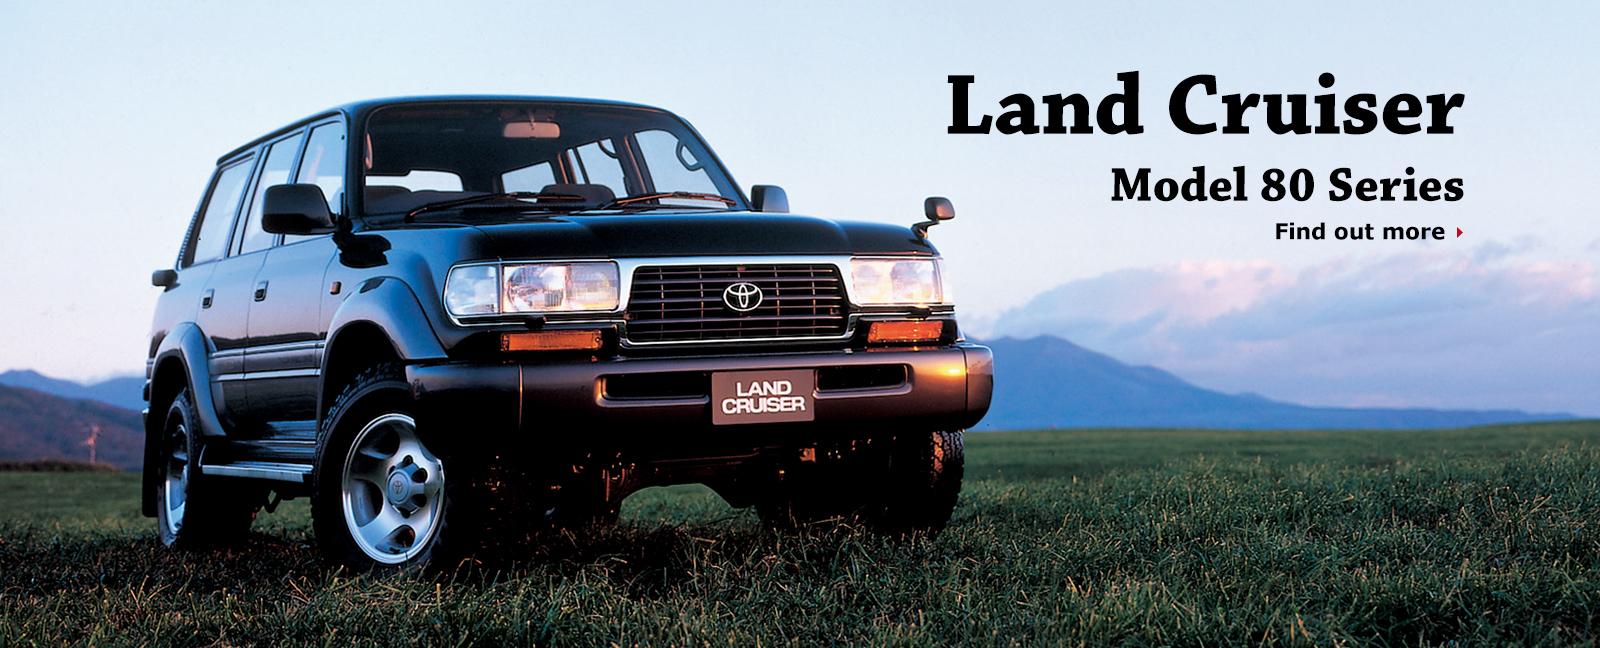 Land Cruiser Model 80